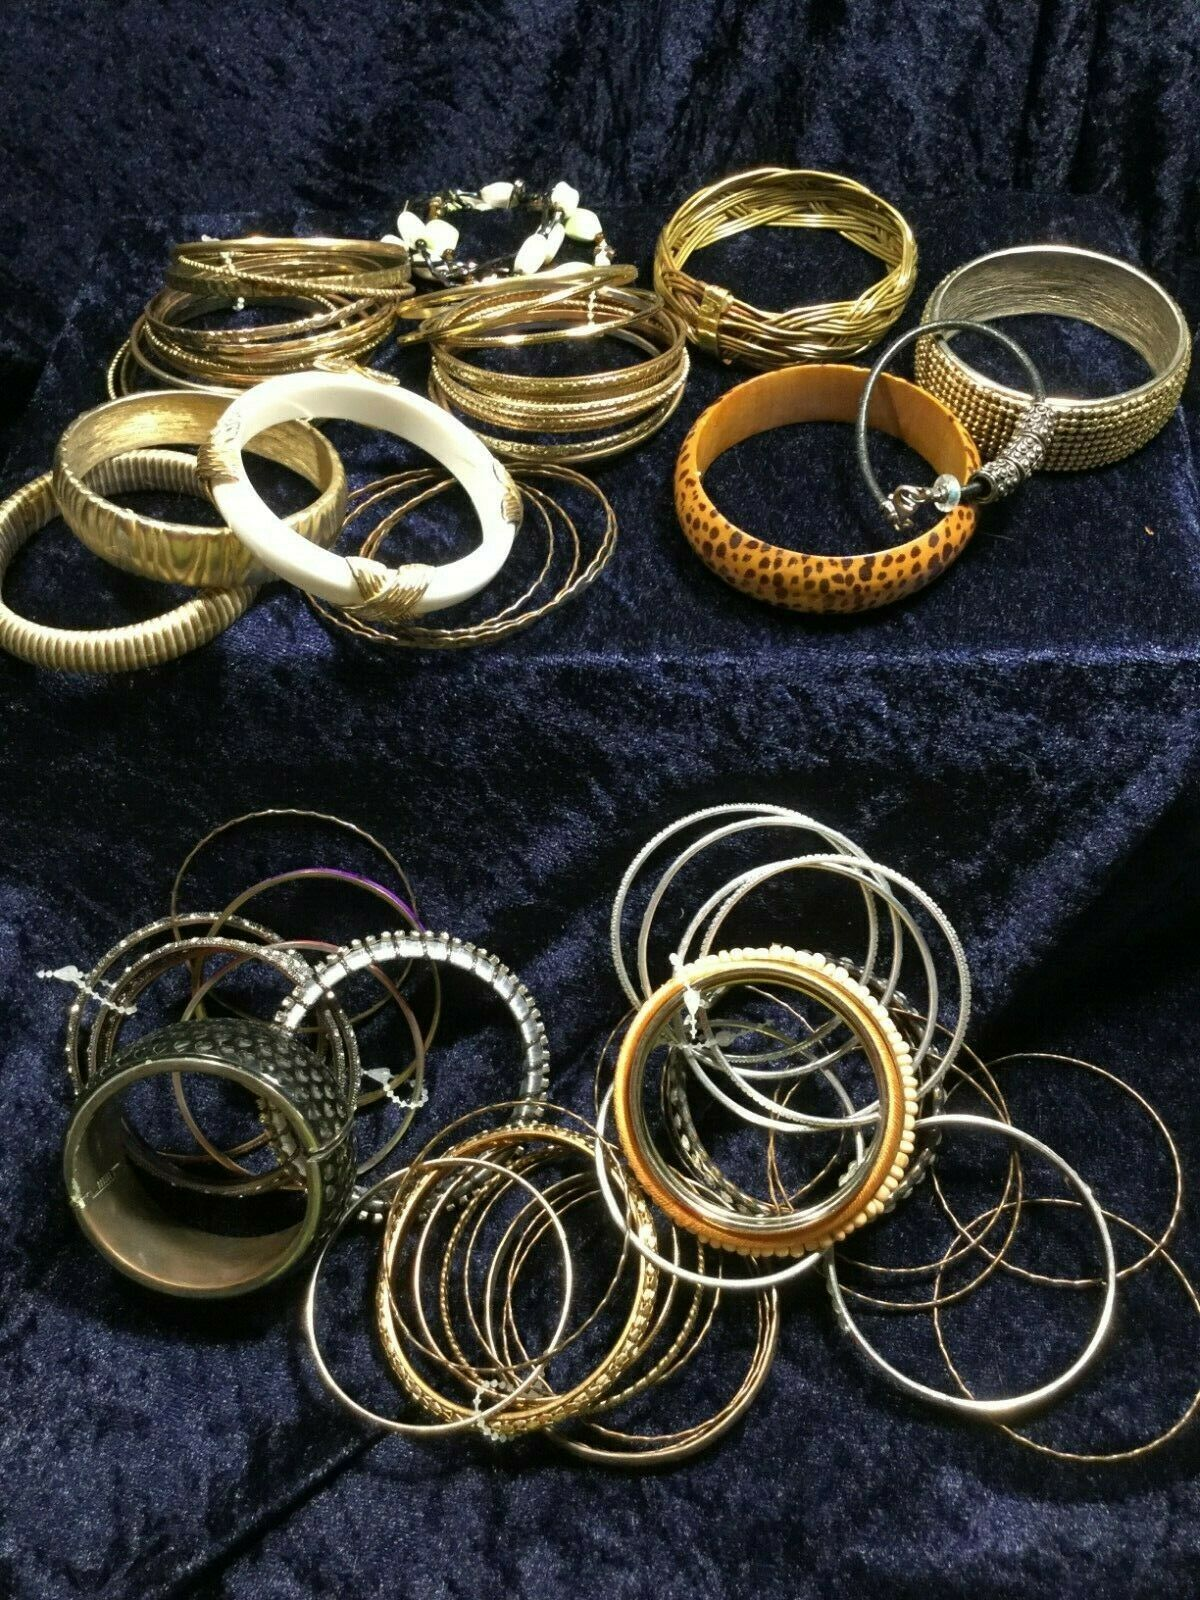 Lot 60+ Vintage Costume Bangle Bracelets - Various Widths, Colors, Styles